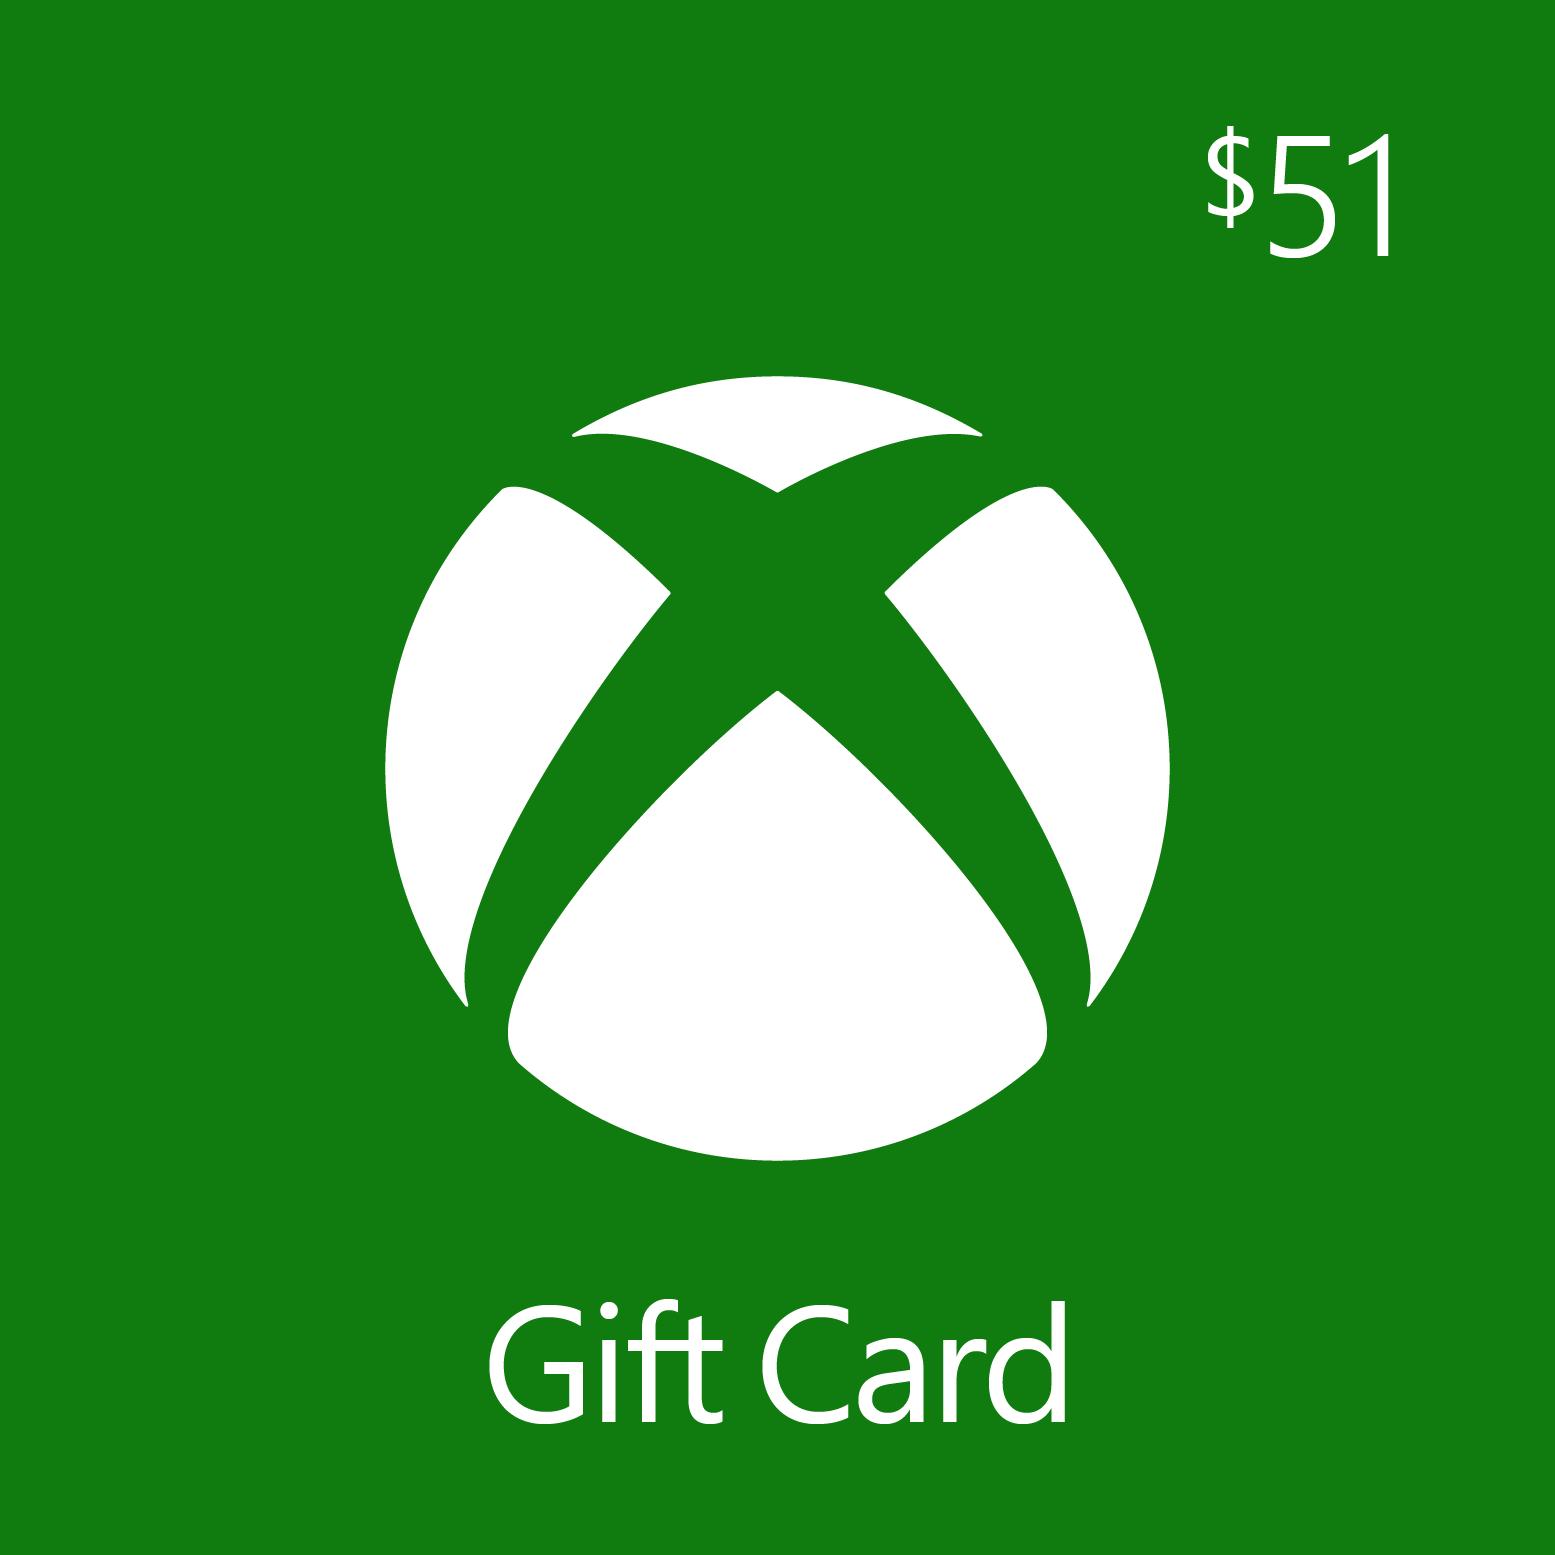 $51.00 Xbox Digital Gift Card